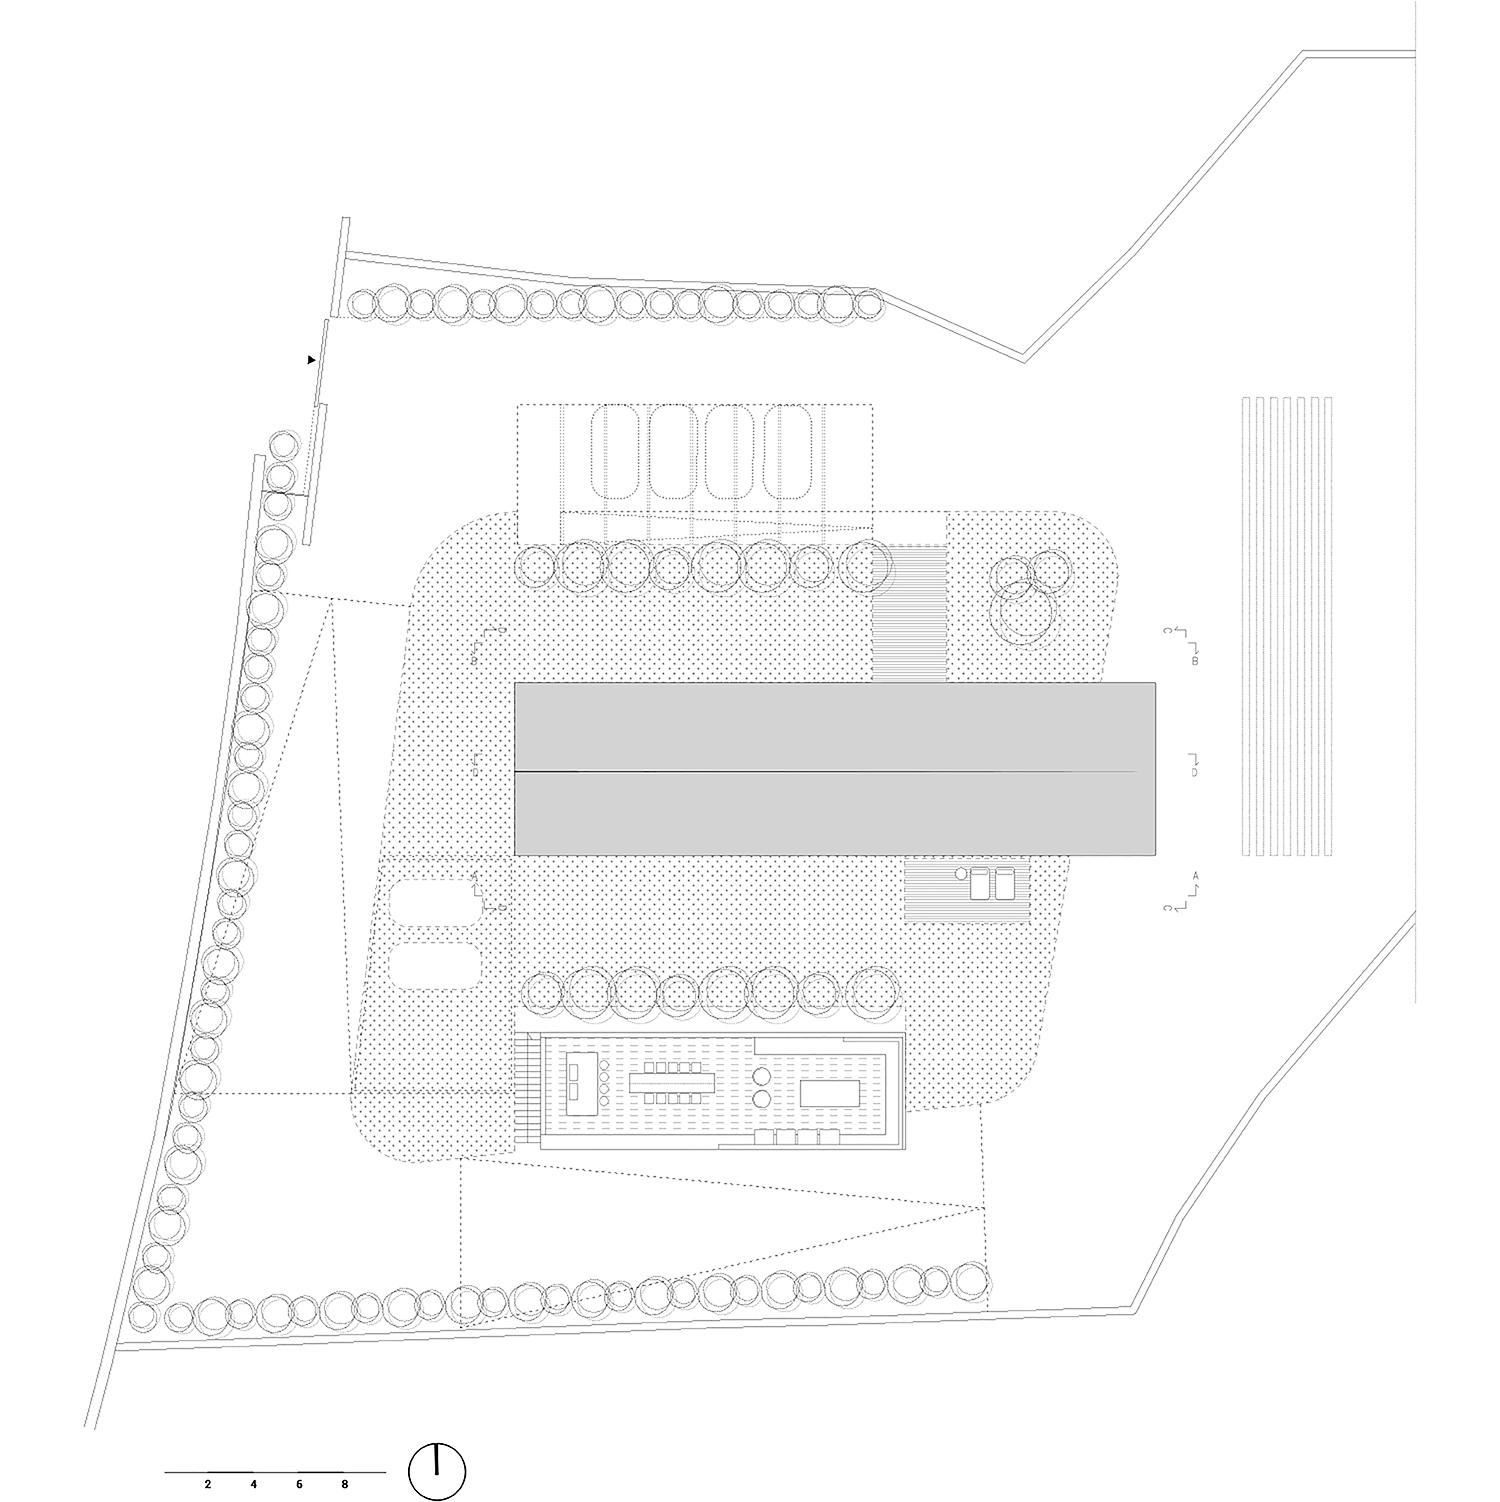 pianta copertura con sistemazione esterna Arch. Salvatore Terranova - Ing. Giorgia Testa}